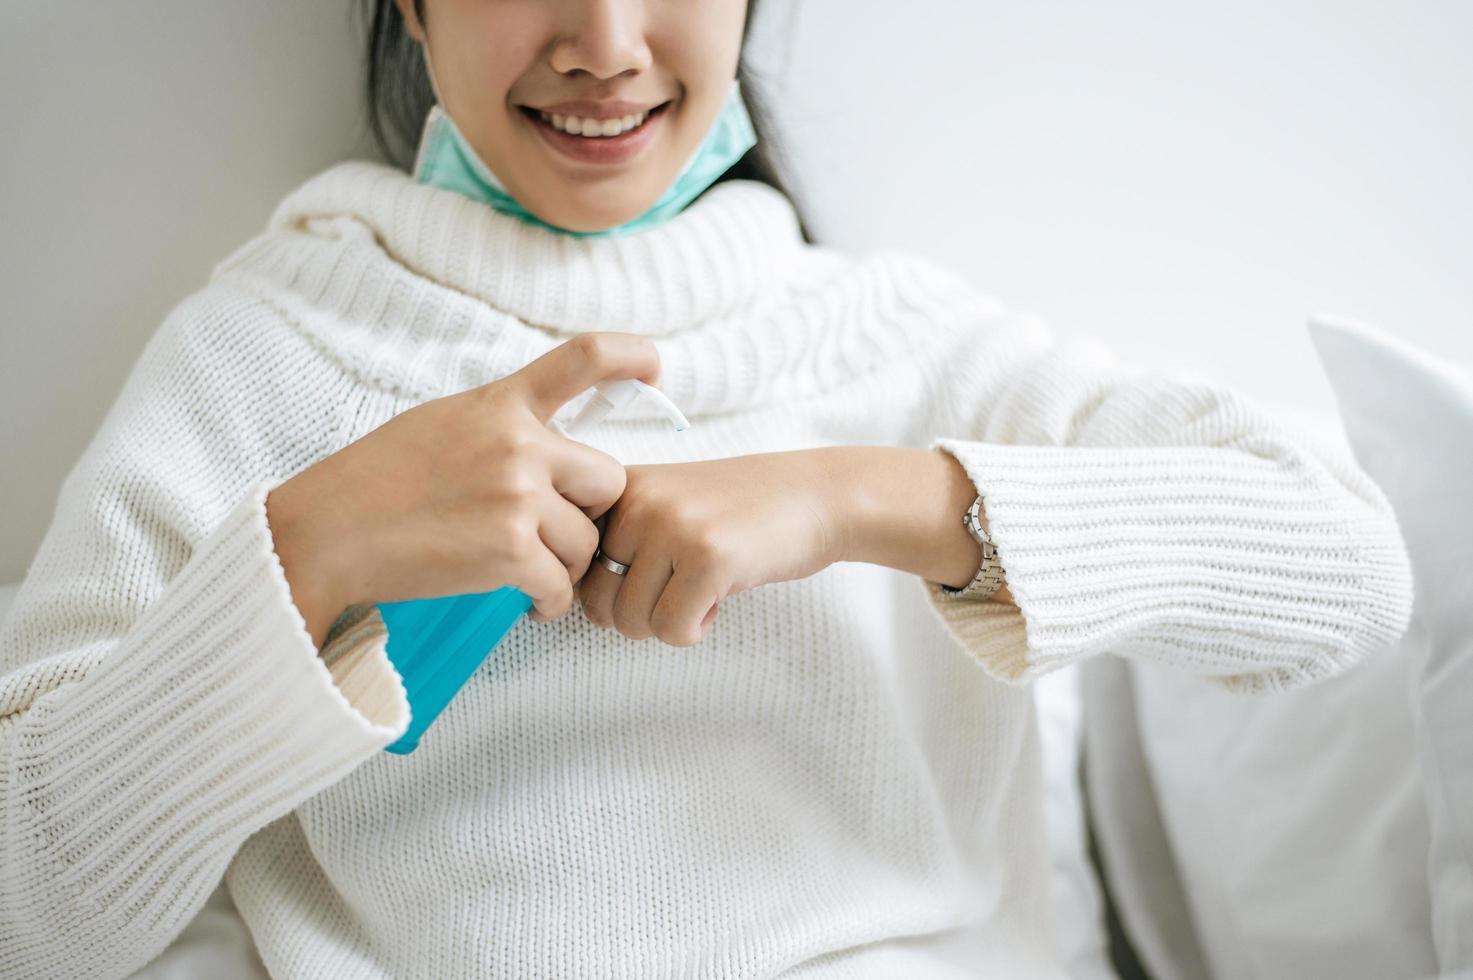 jovem usando gel para lavar as mãos foto